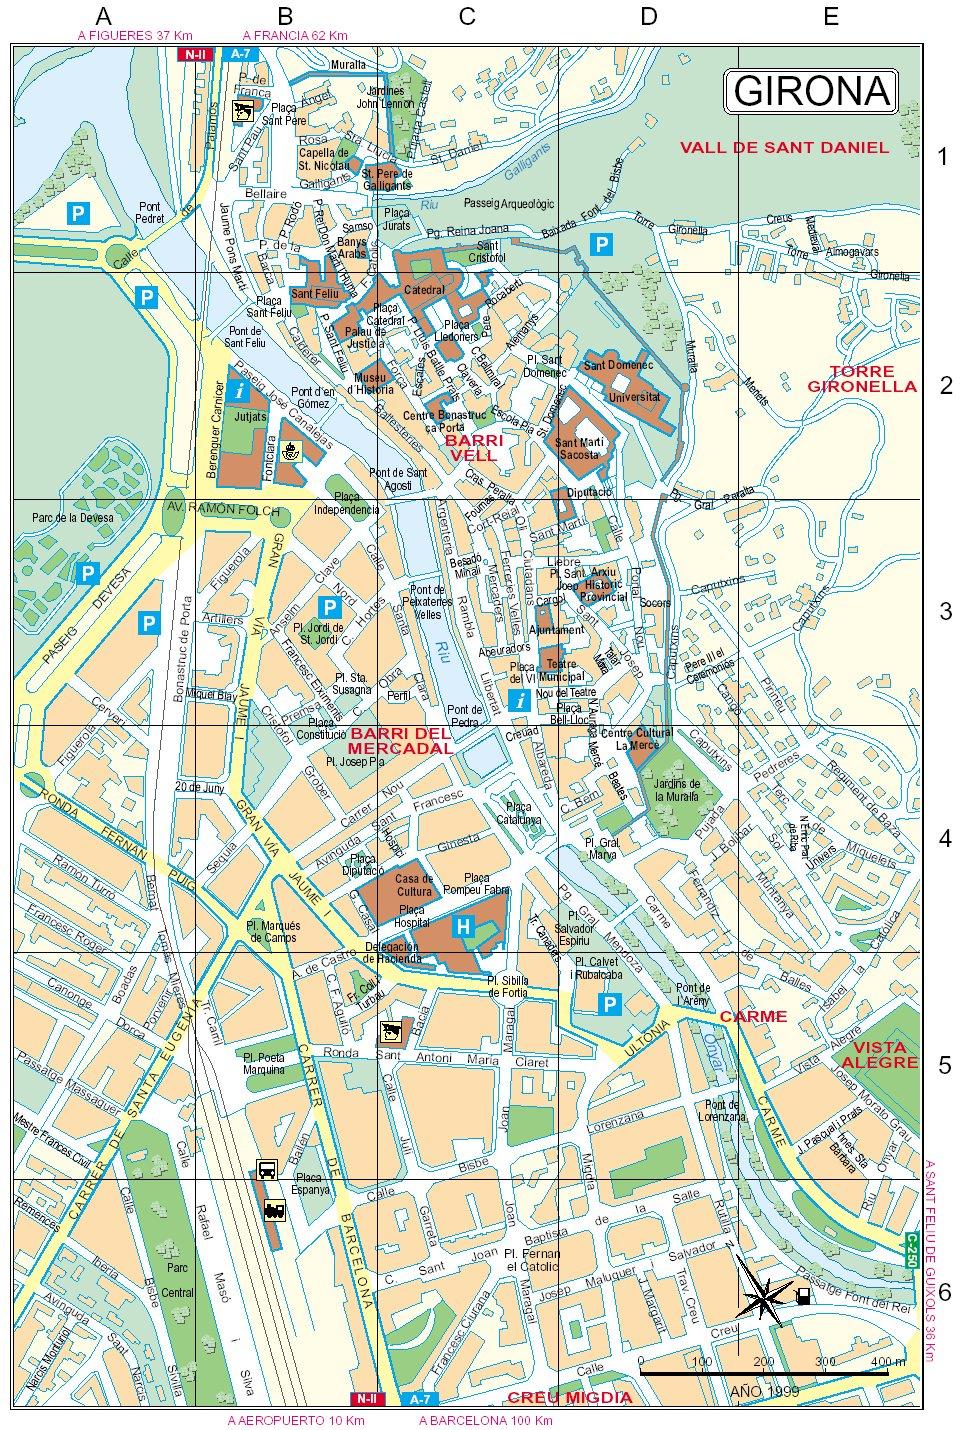 Mapa del centro de Gerona 1999